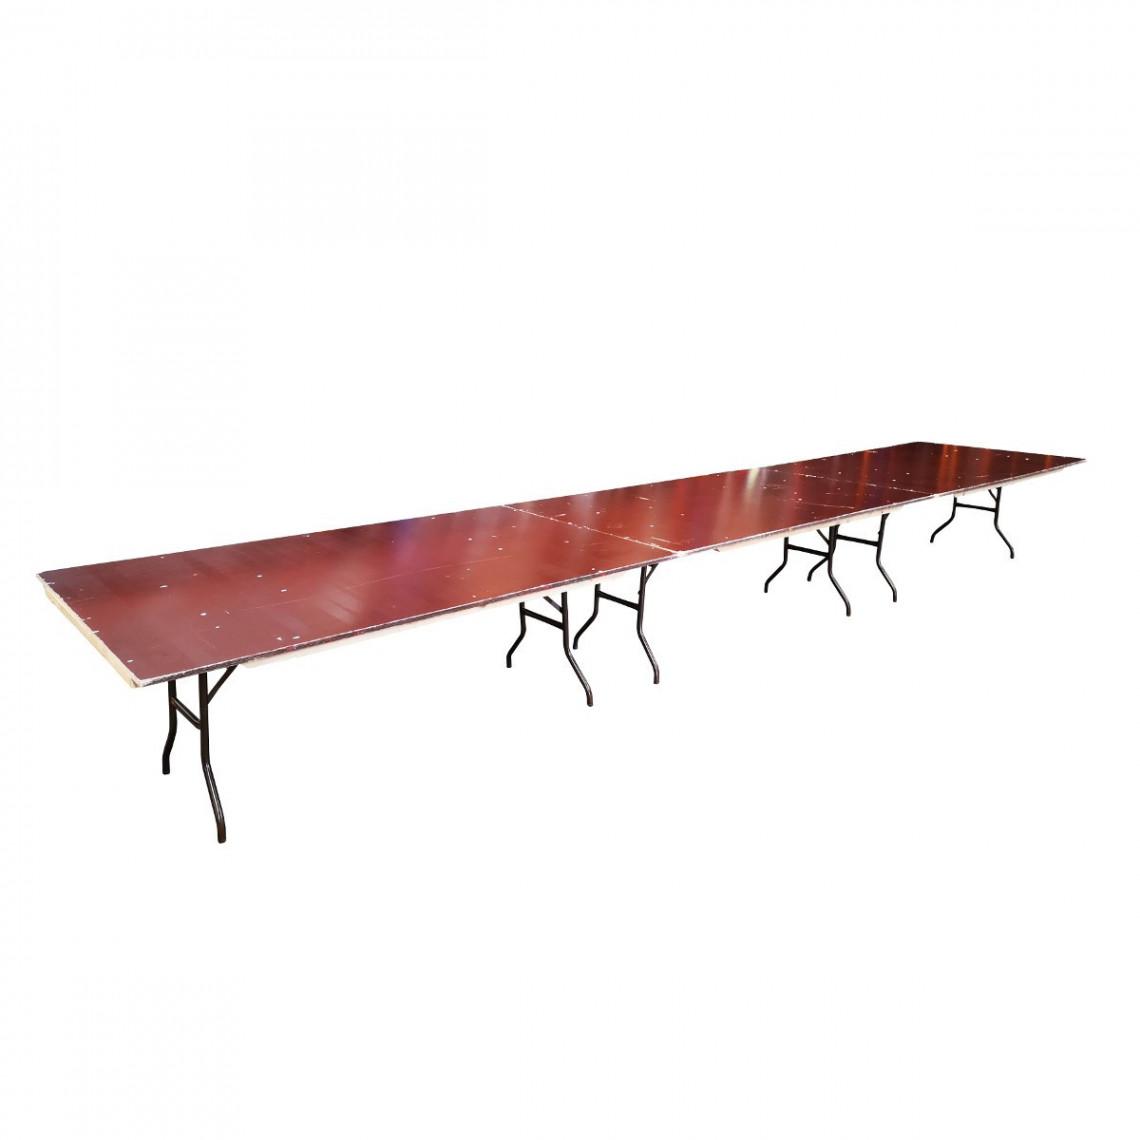 Table d'honneur rectangulaire